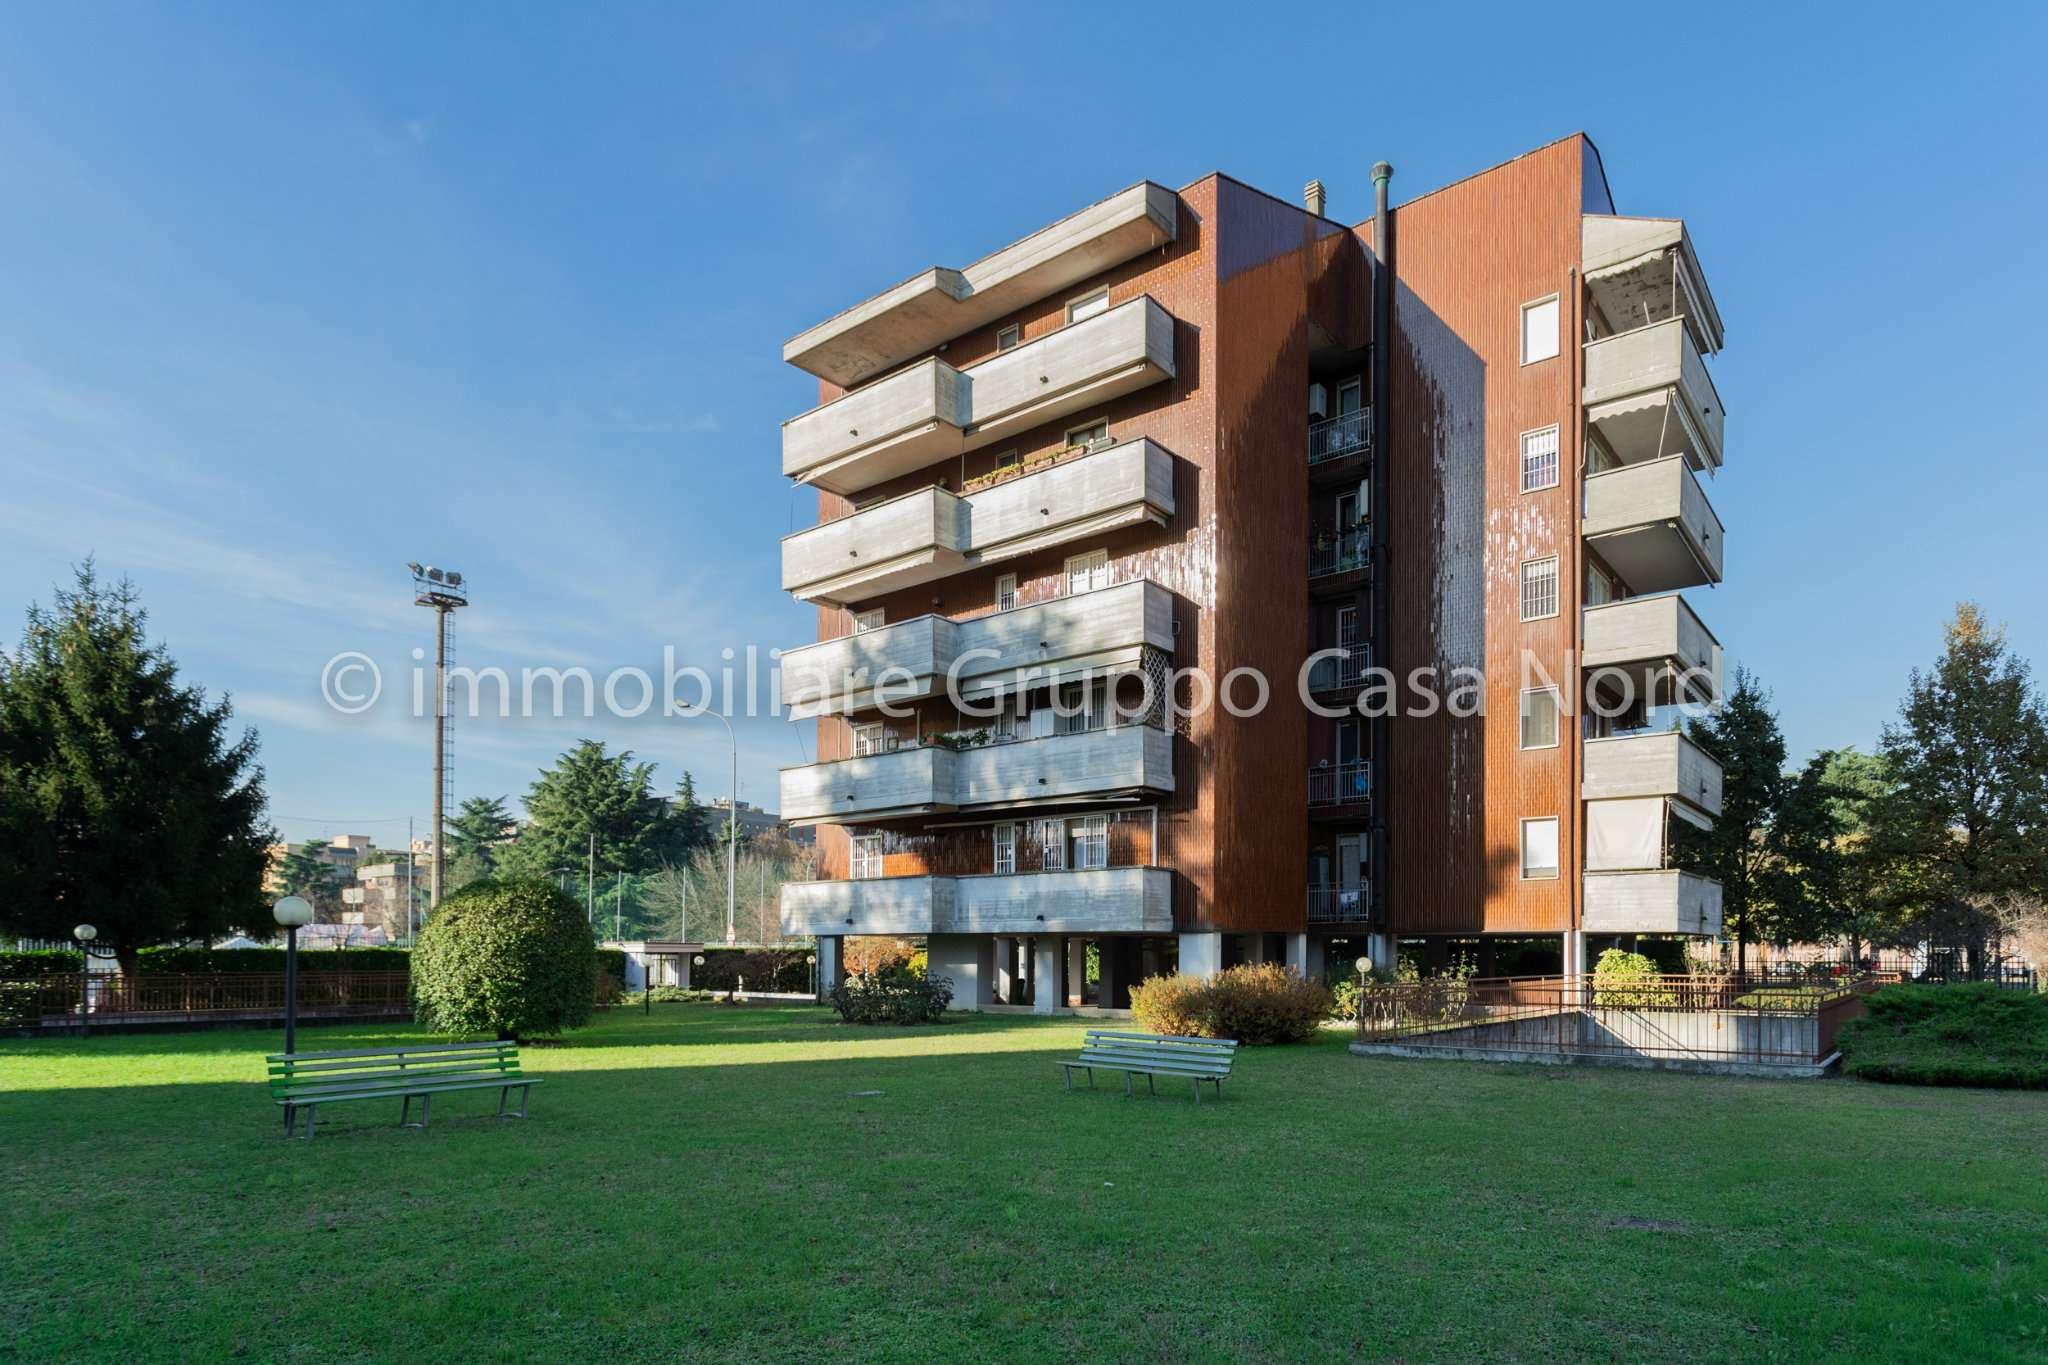 Appartamento ristrutturato in vendita Rif. 8938691